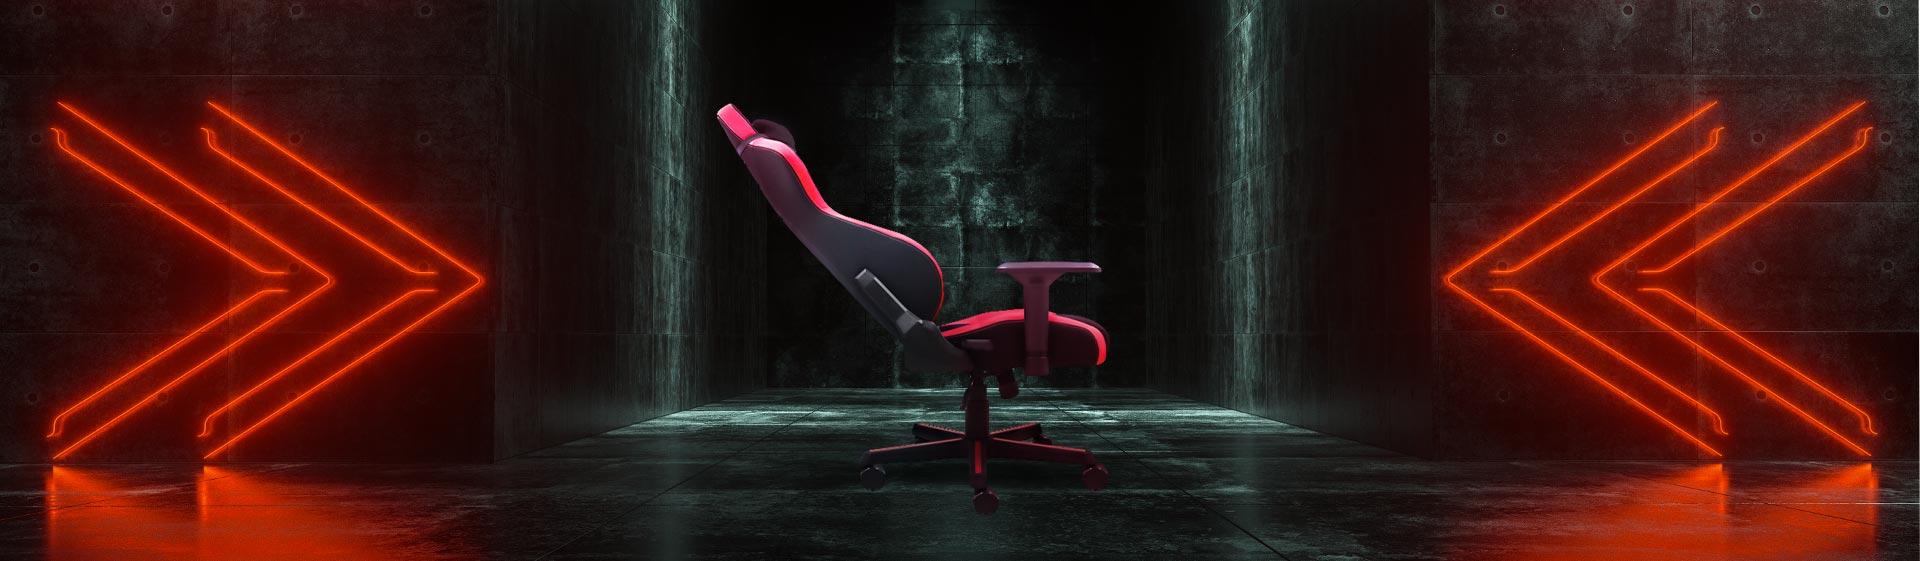 Melhor cadeira gamer reclinável: top 10 modelos confortáveis de 2021